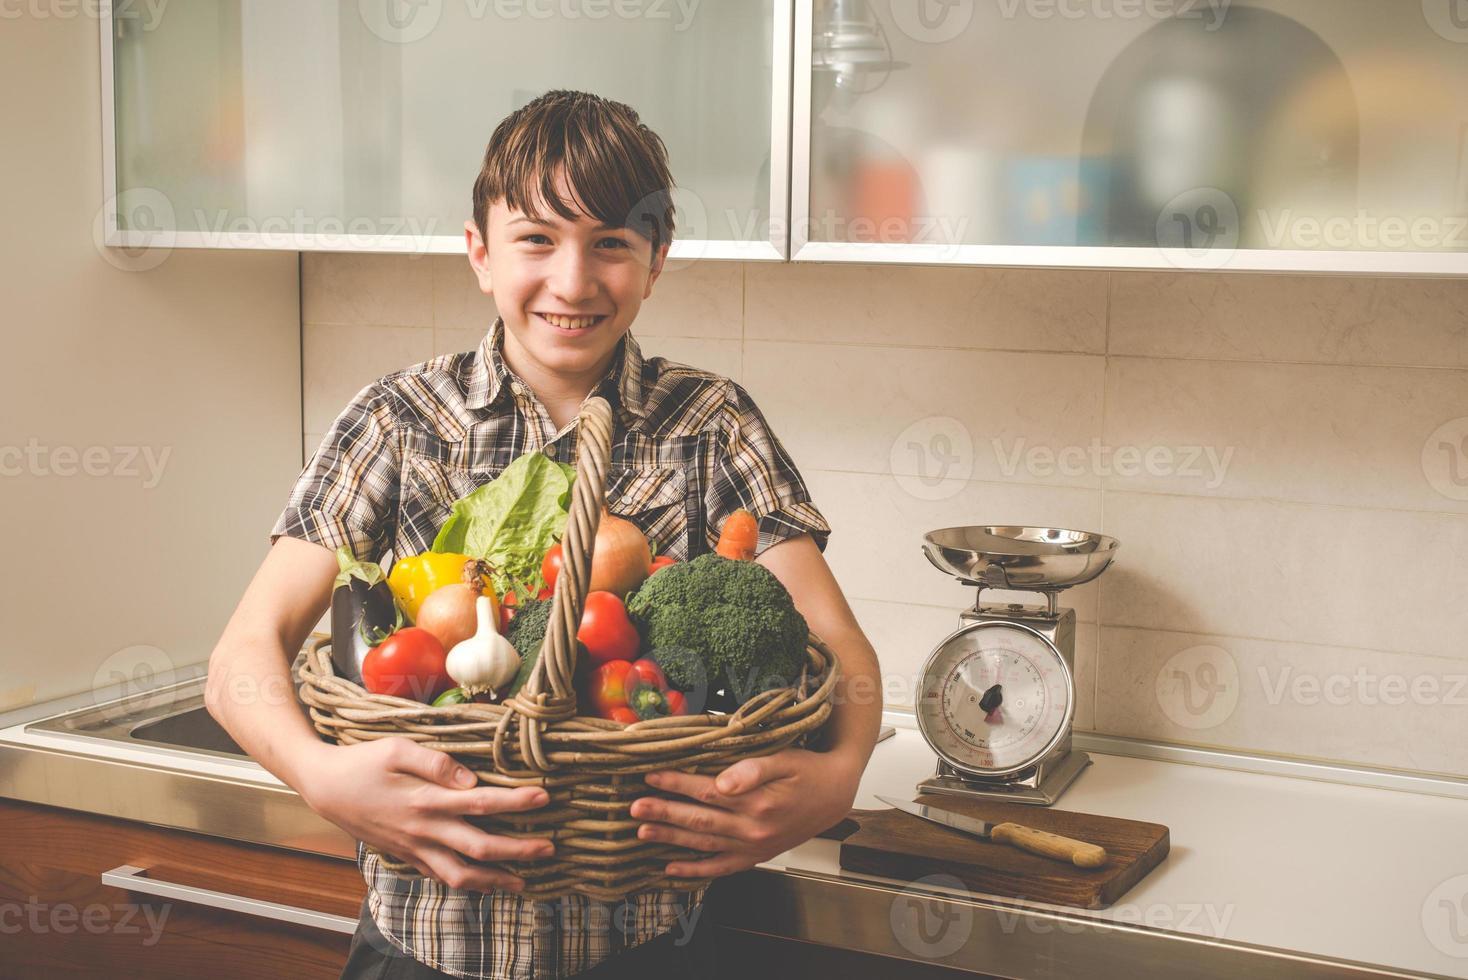 pojke förbereder grönsaker i köket - vegetariska friska människor foto